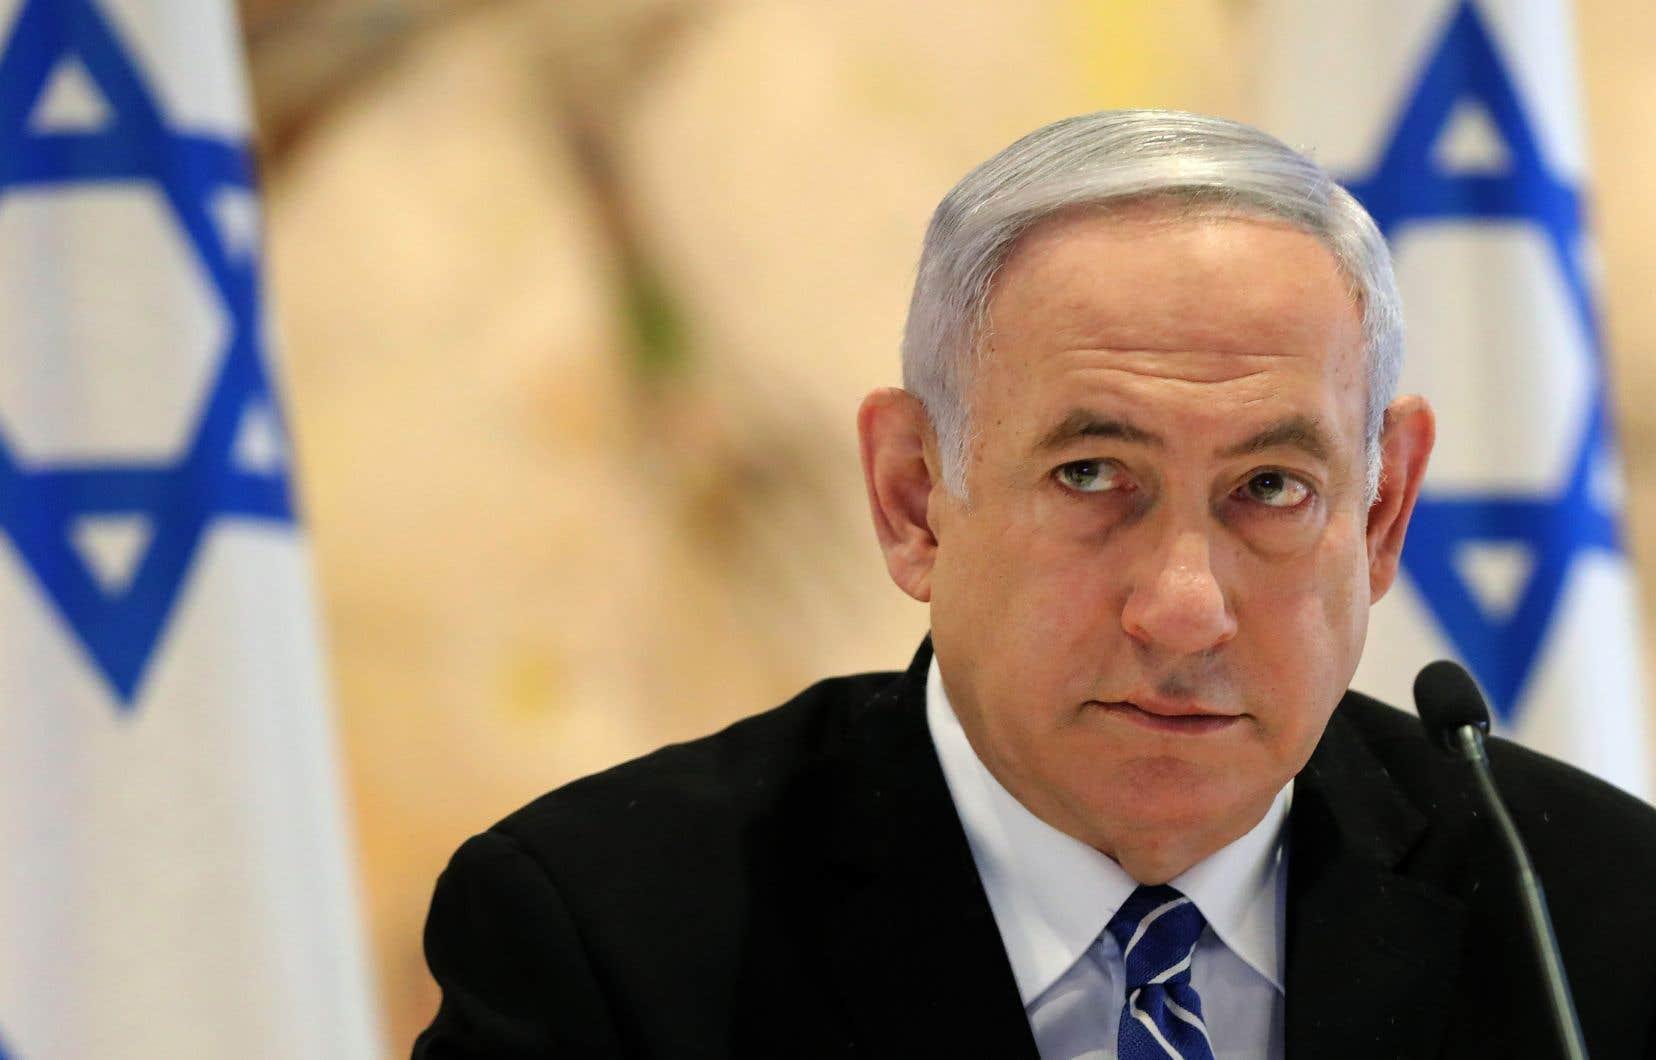 Le premier ministre israélien Benjamin Nétanyahouest inculpé dans trois affaires différentes.